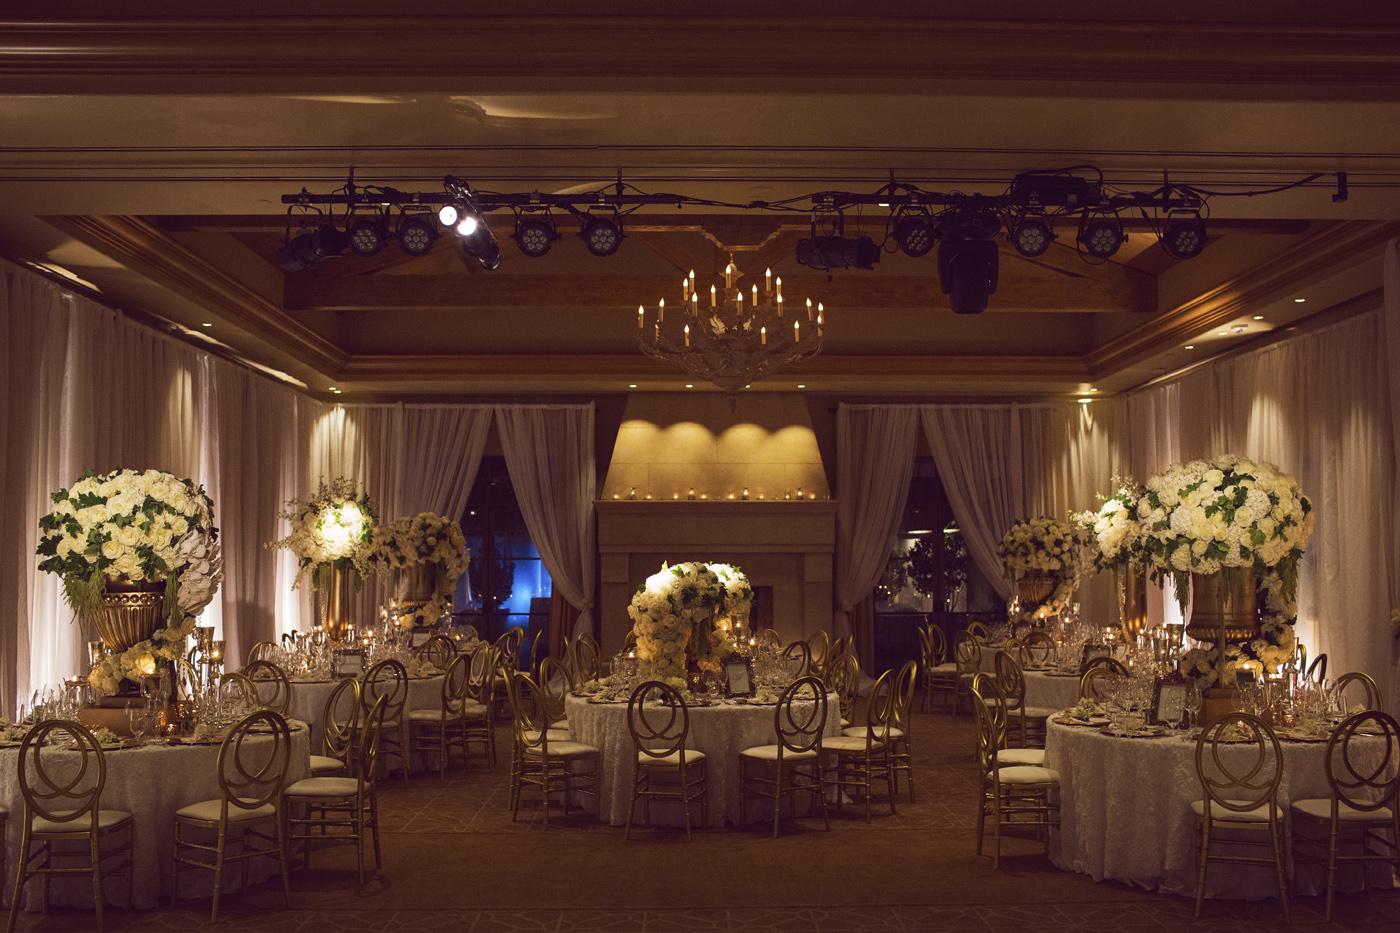 066_DukePhotography_DukeImages_Wedding_Details.jpg